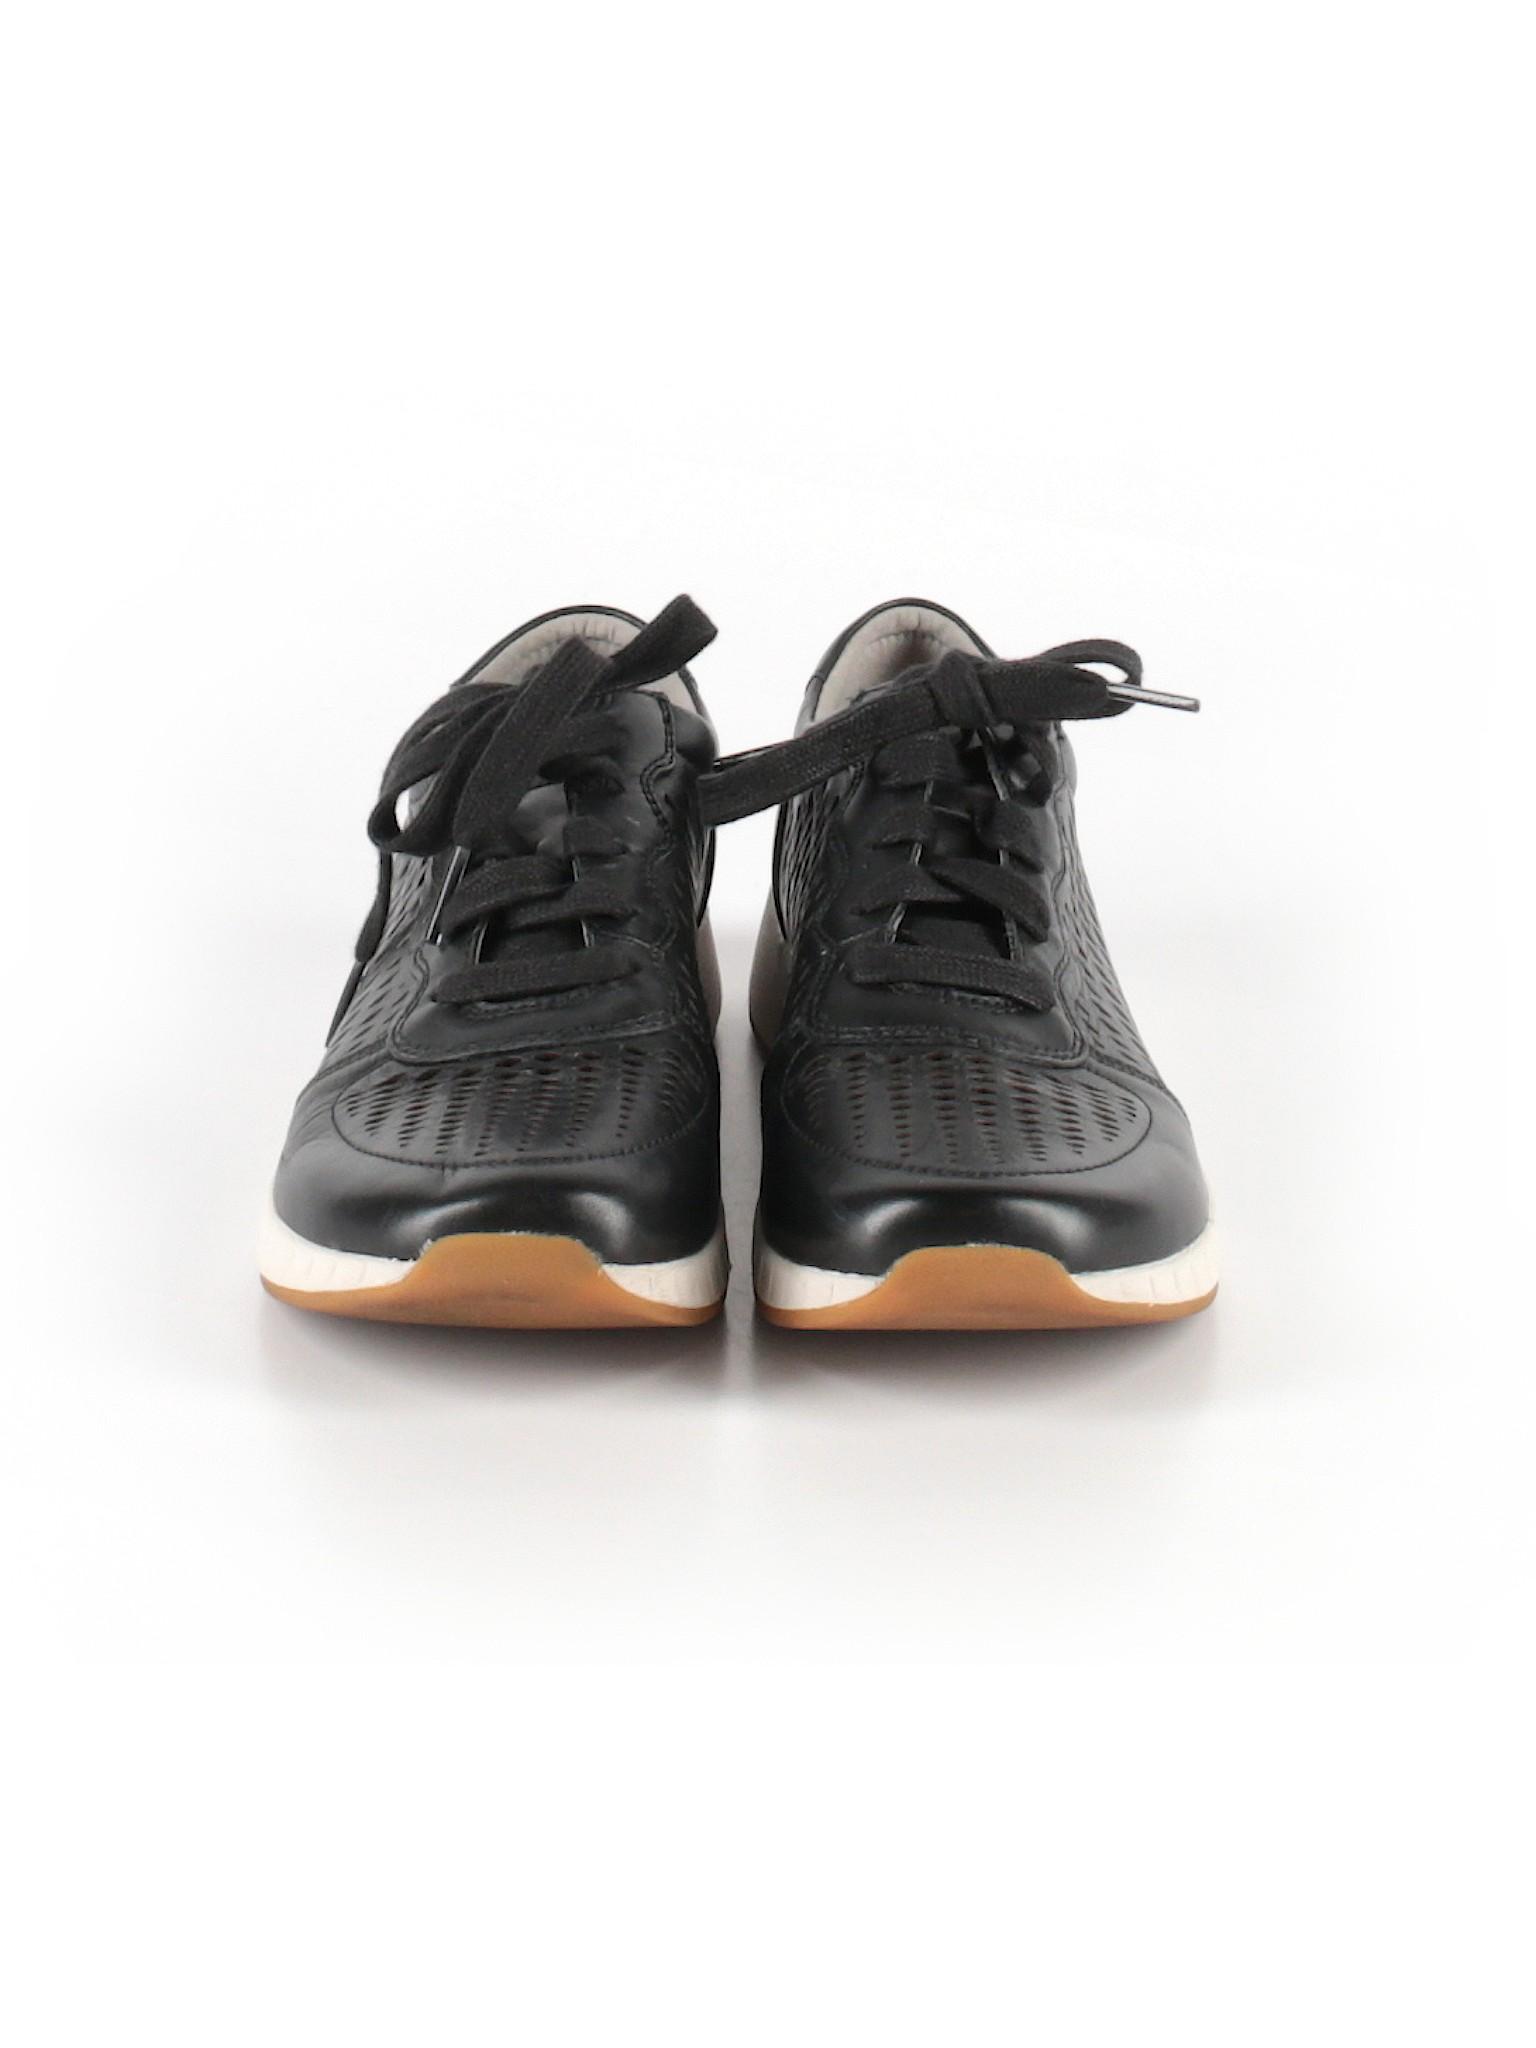 promotion Boutique Boutique Dansko Sneakers promotion Xxw1Y06pYq